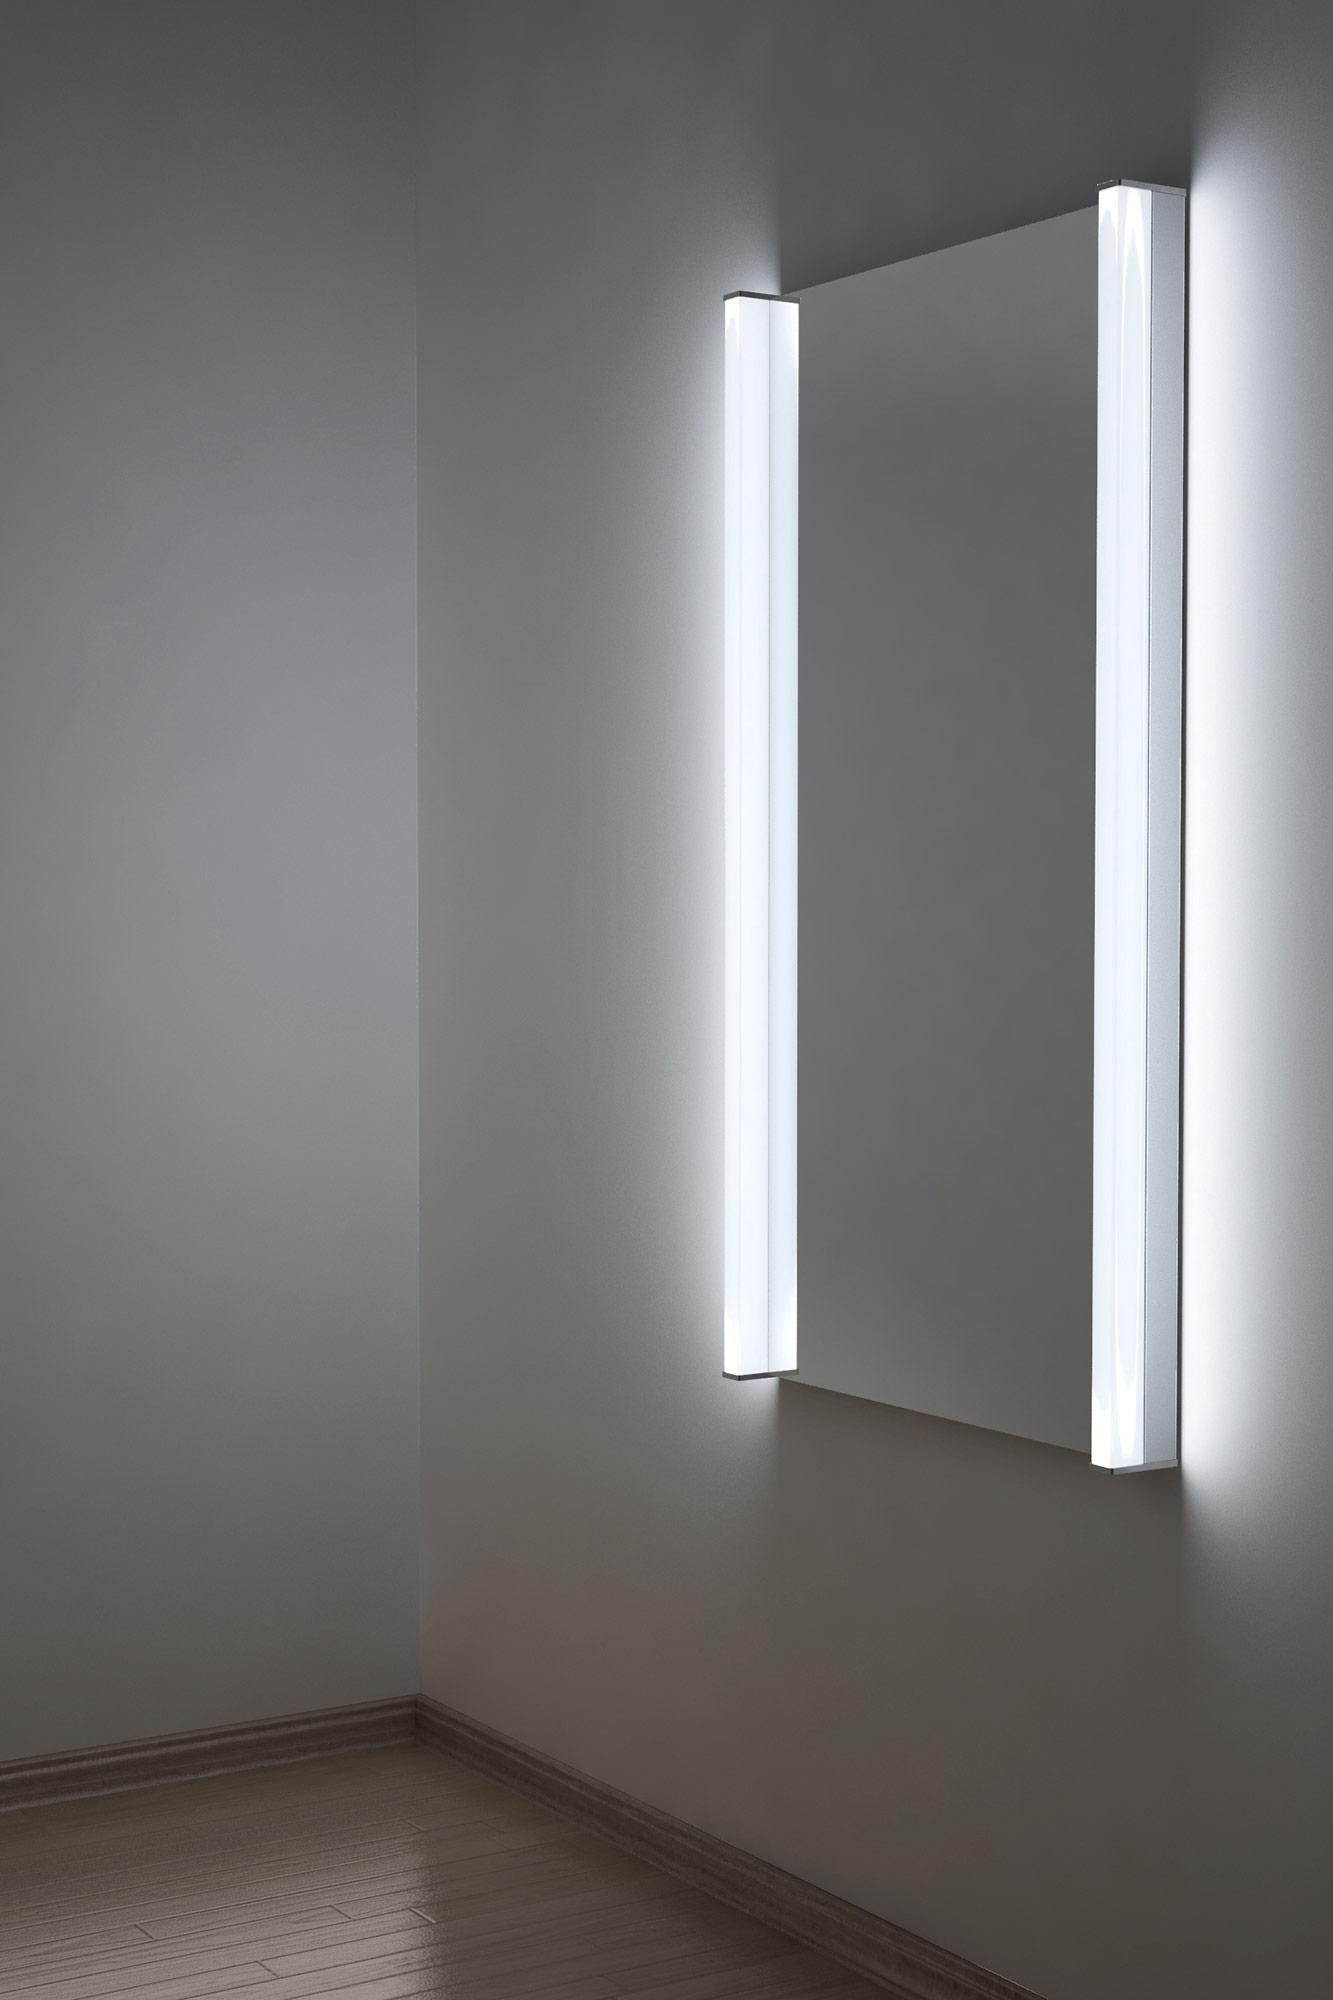 Specchio bagno extra luminoso a led per rasatura - Specchio con lampadine ...